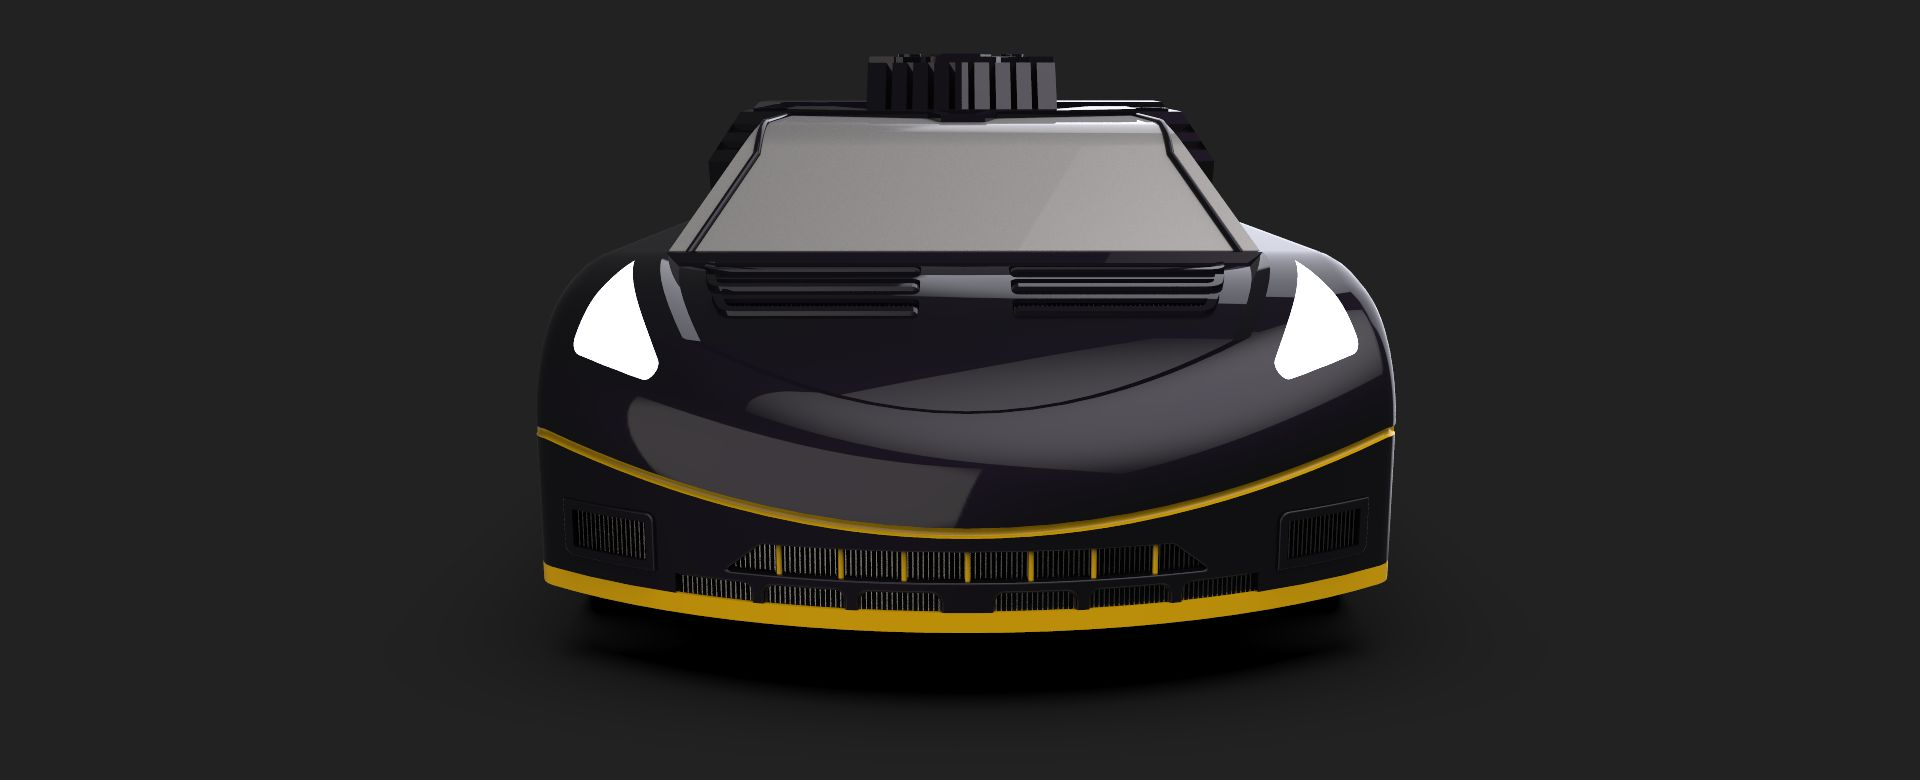 Car-bot-1-41-3500-3500